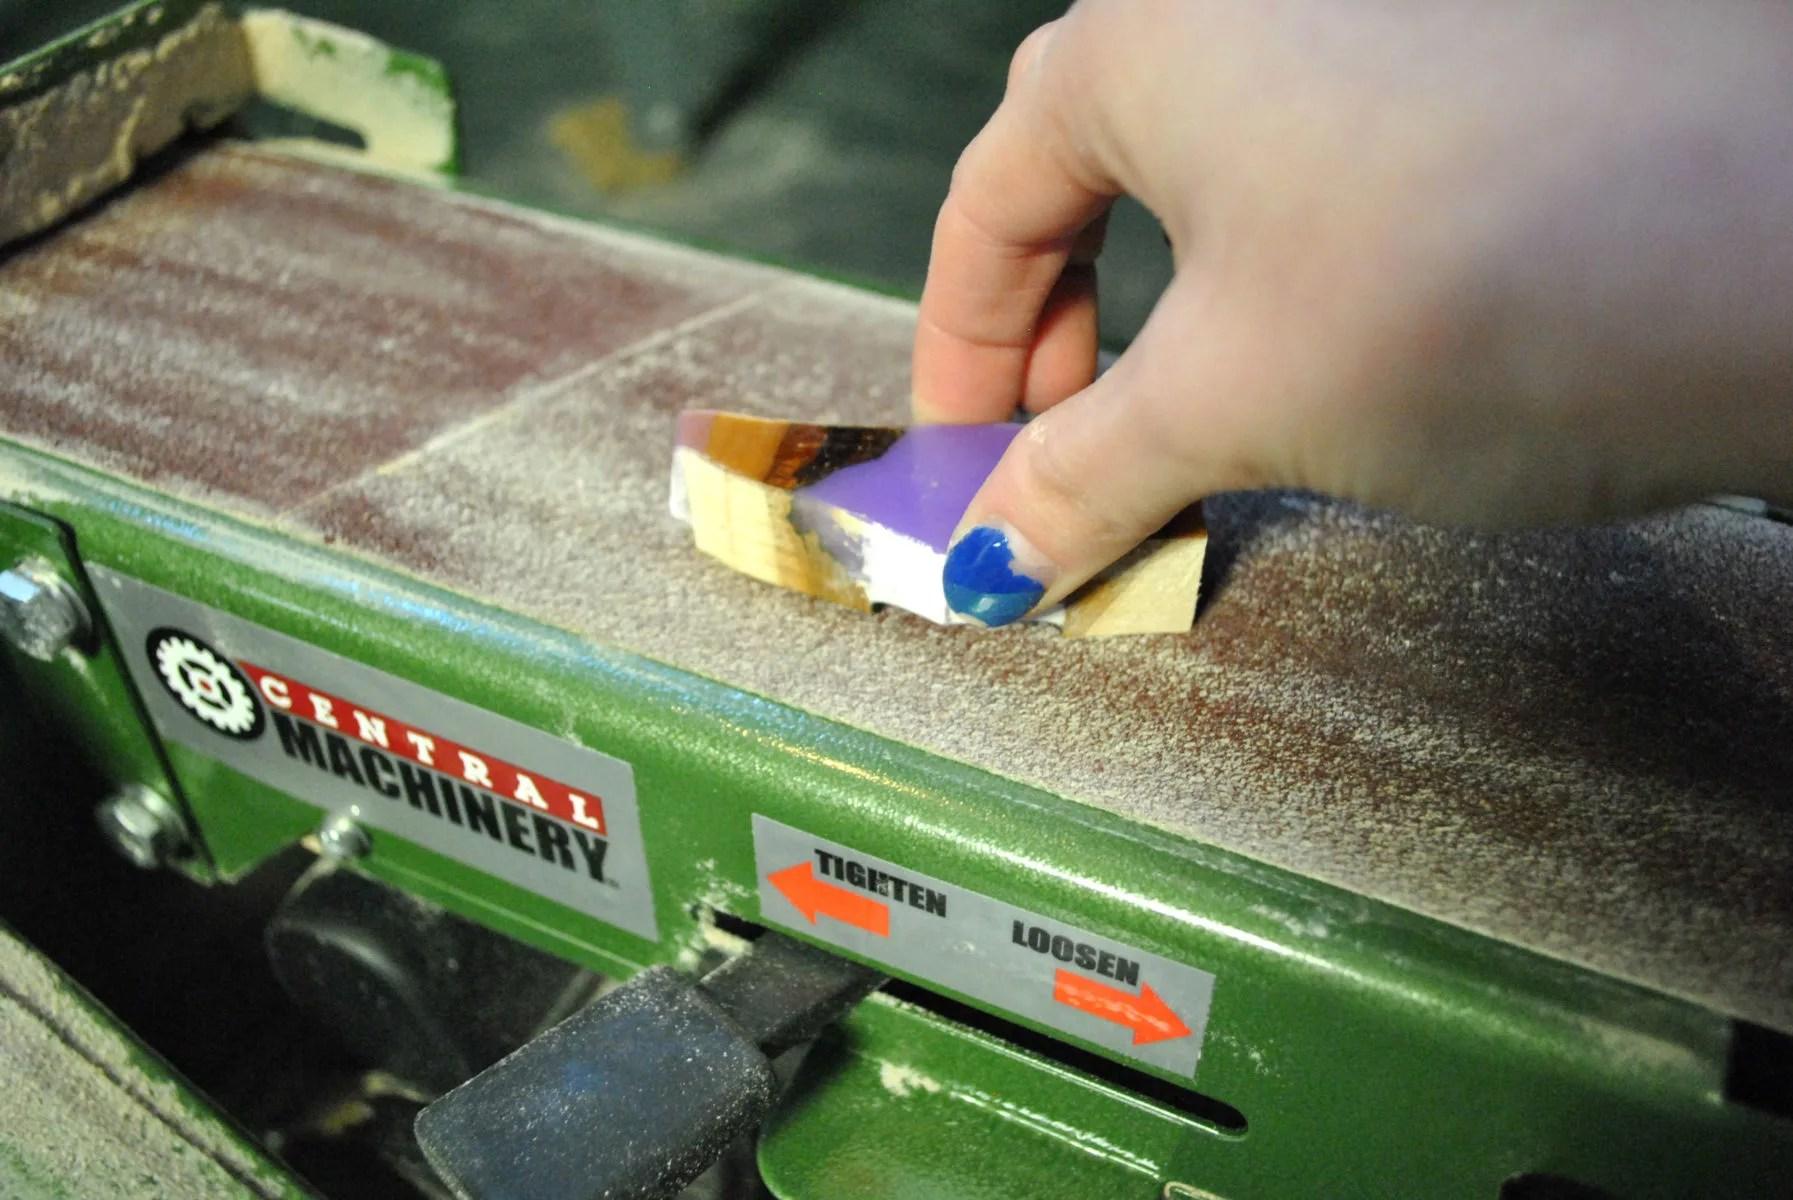 holding wood and lavender resin shard on belt sander surface